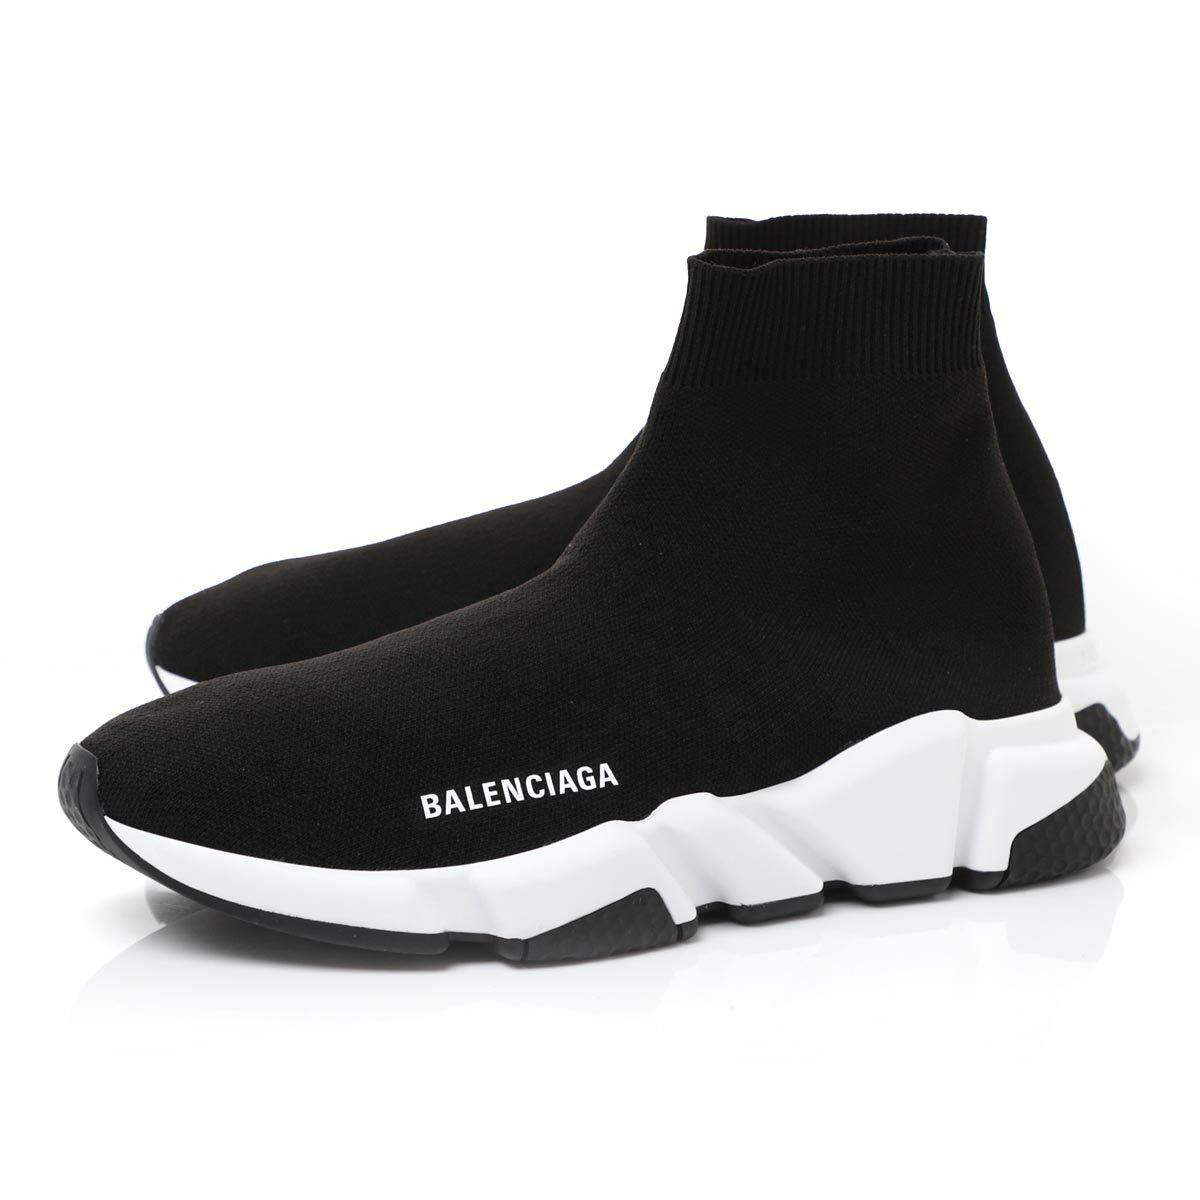 メンズ靴, スニーカー  BALENCIAGA 530349 w05g9 1000 SPEED TRAINER